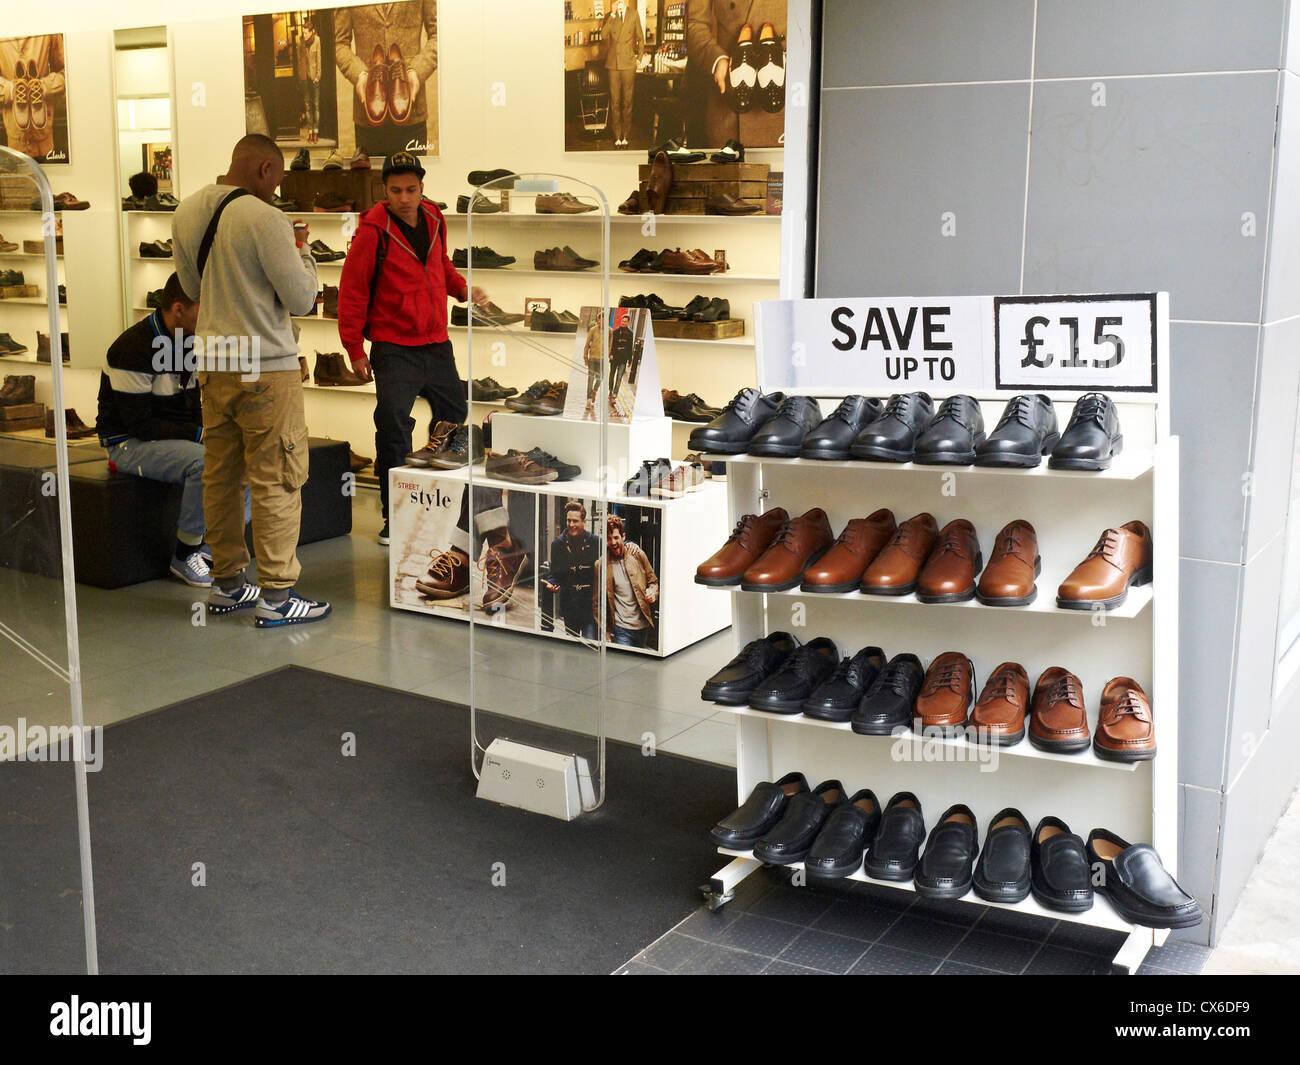 522d6b8475d Clarks Shoes Shop Stock Photos   Clarks Shoes Shop Stock Images - Alamy